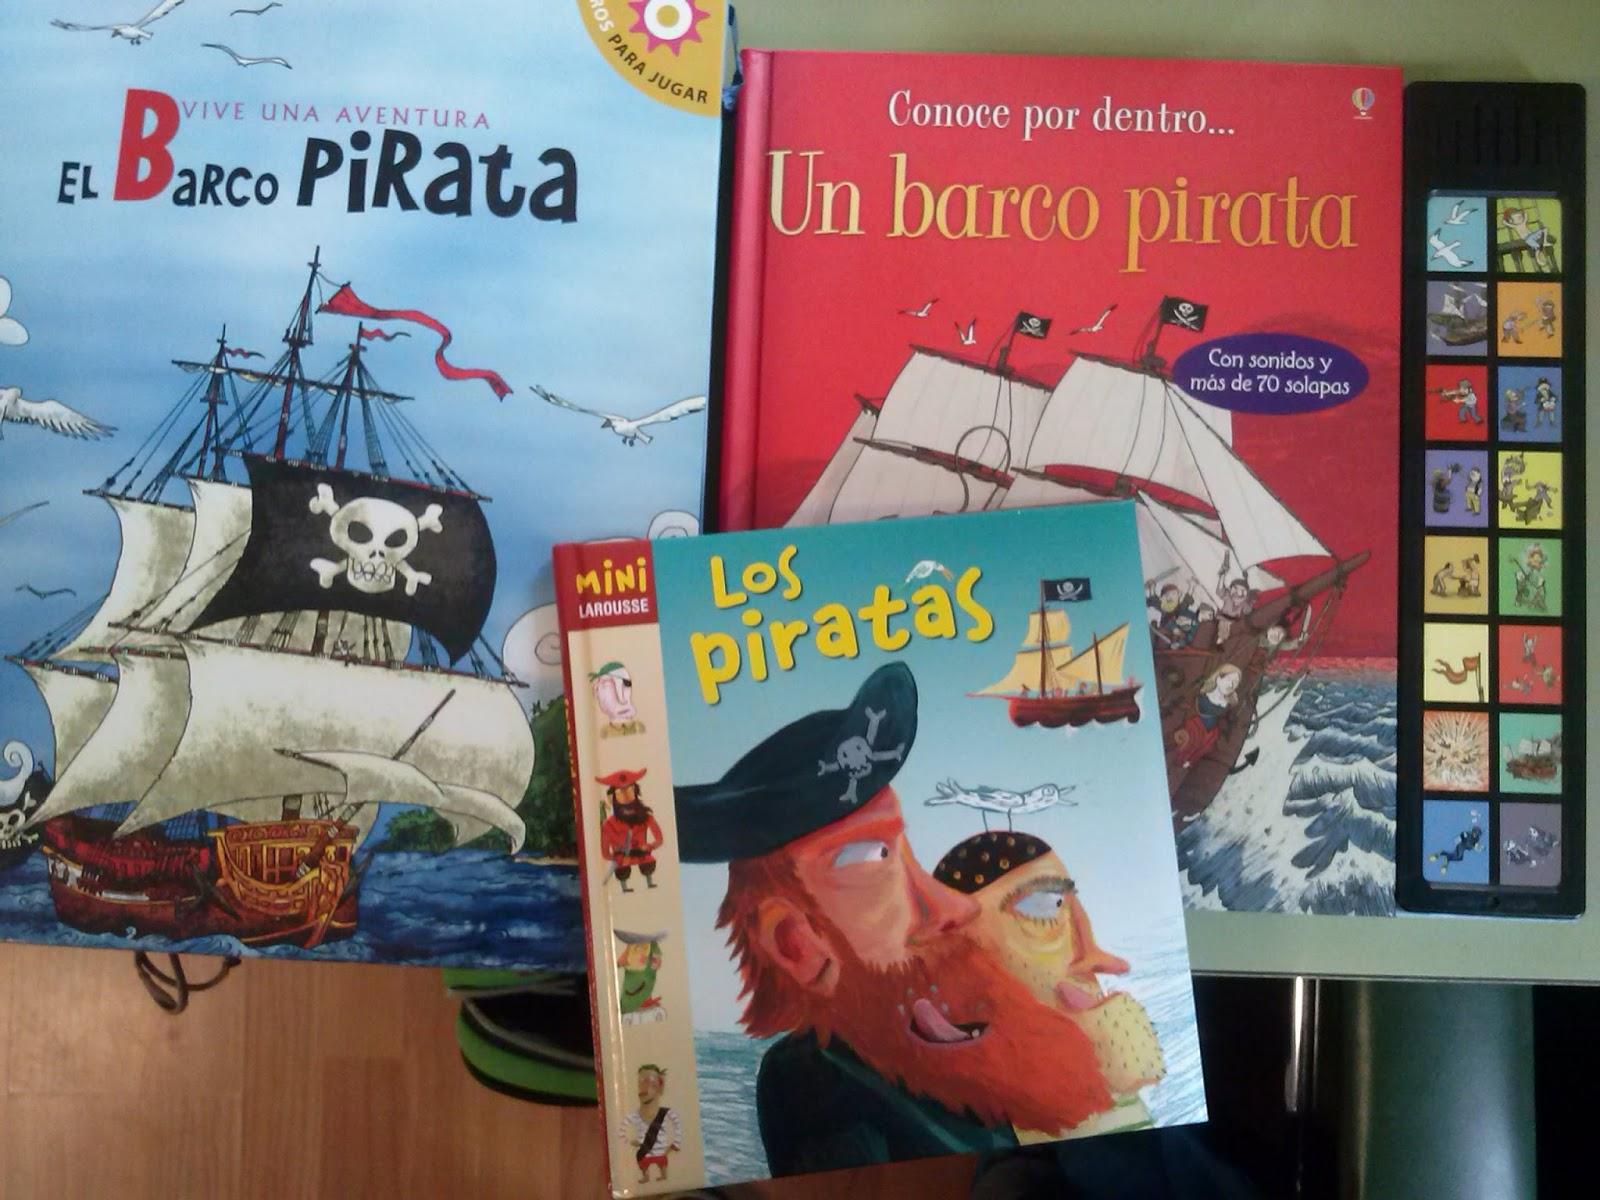 Atado con una cuerda en un barco pirata 10